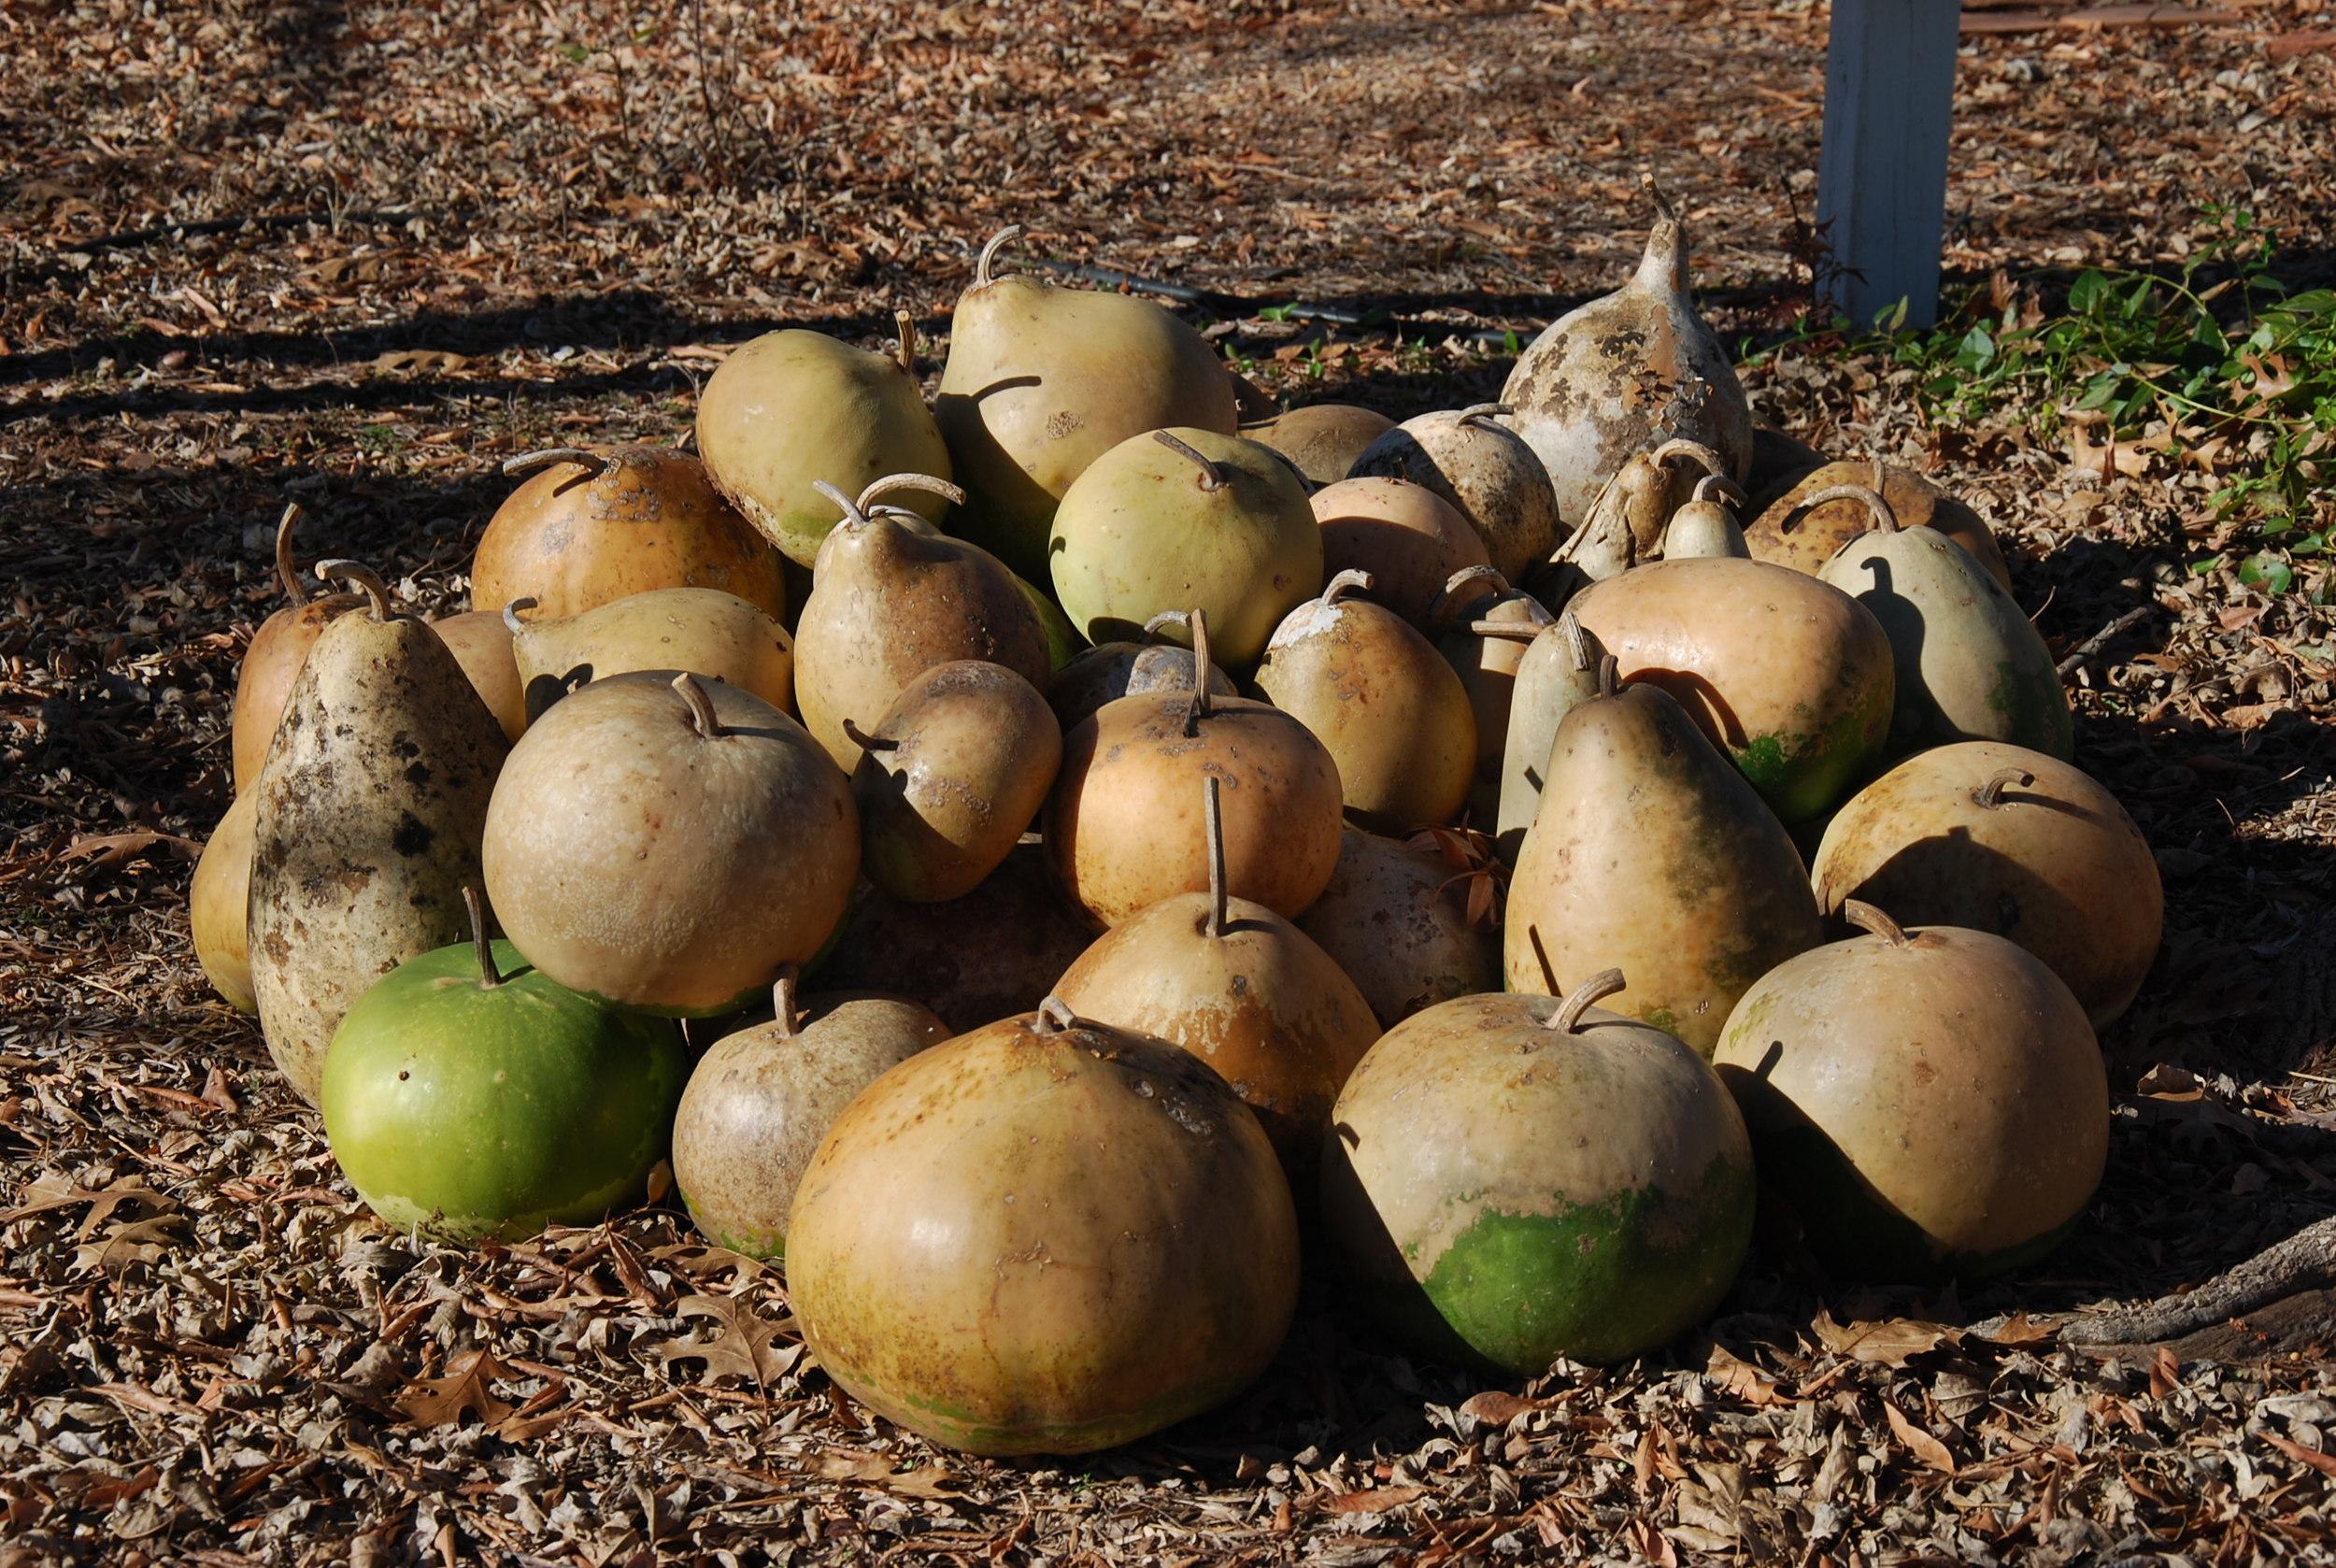 Gourd harvest